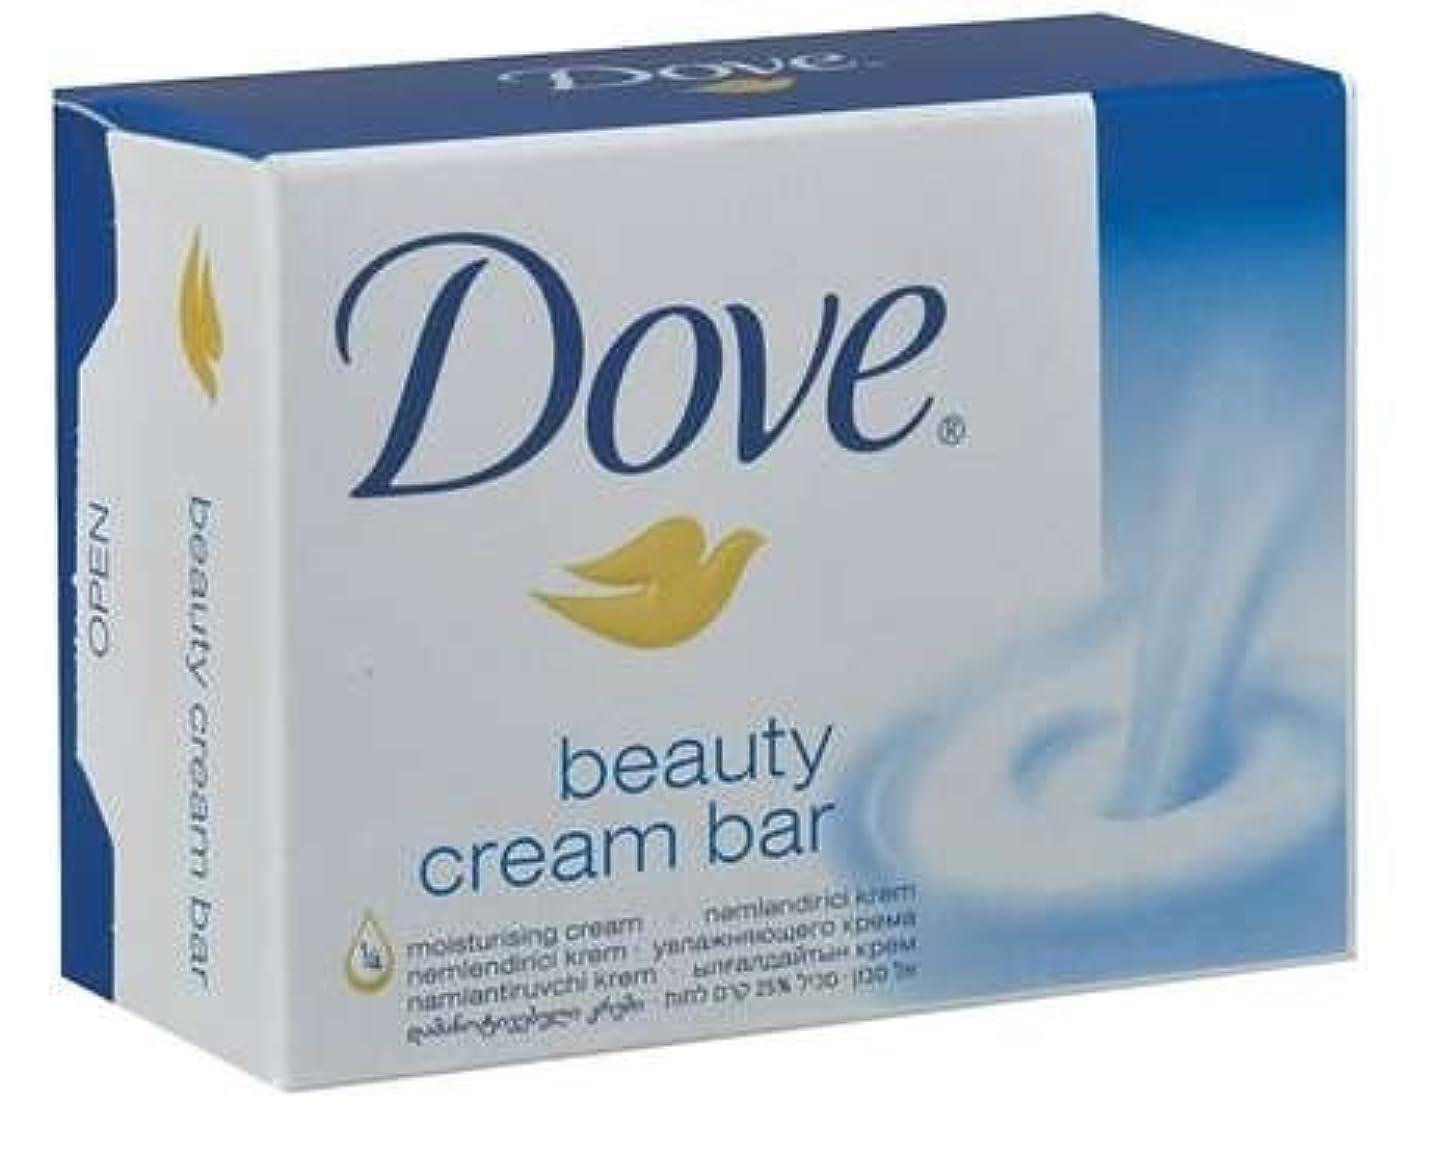 スポーツ取り出す免除Dove Original Beauty Cream Bar White Soap 100 G / 3.5 Oz Bars (Pack of 12) by Dove [並行輸入品]